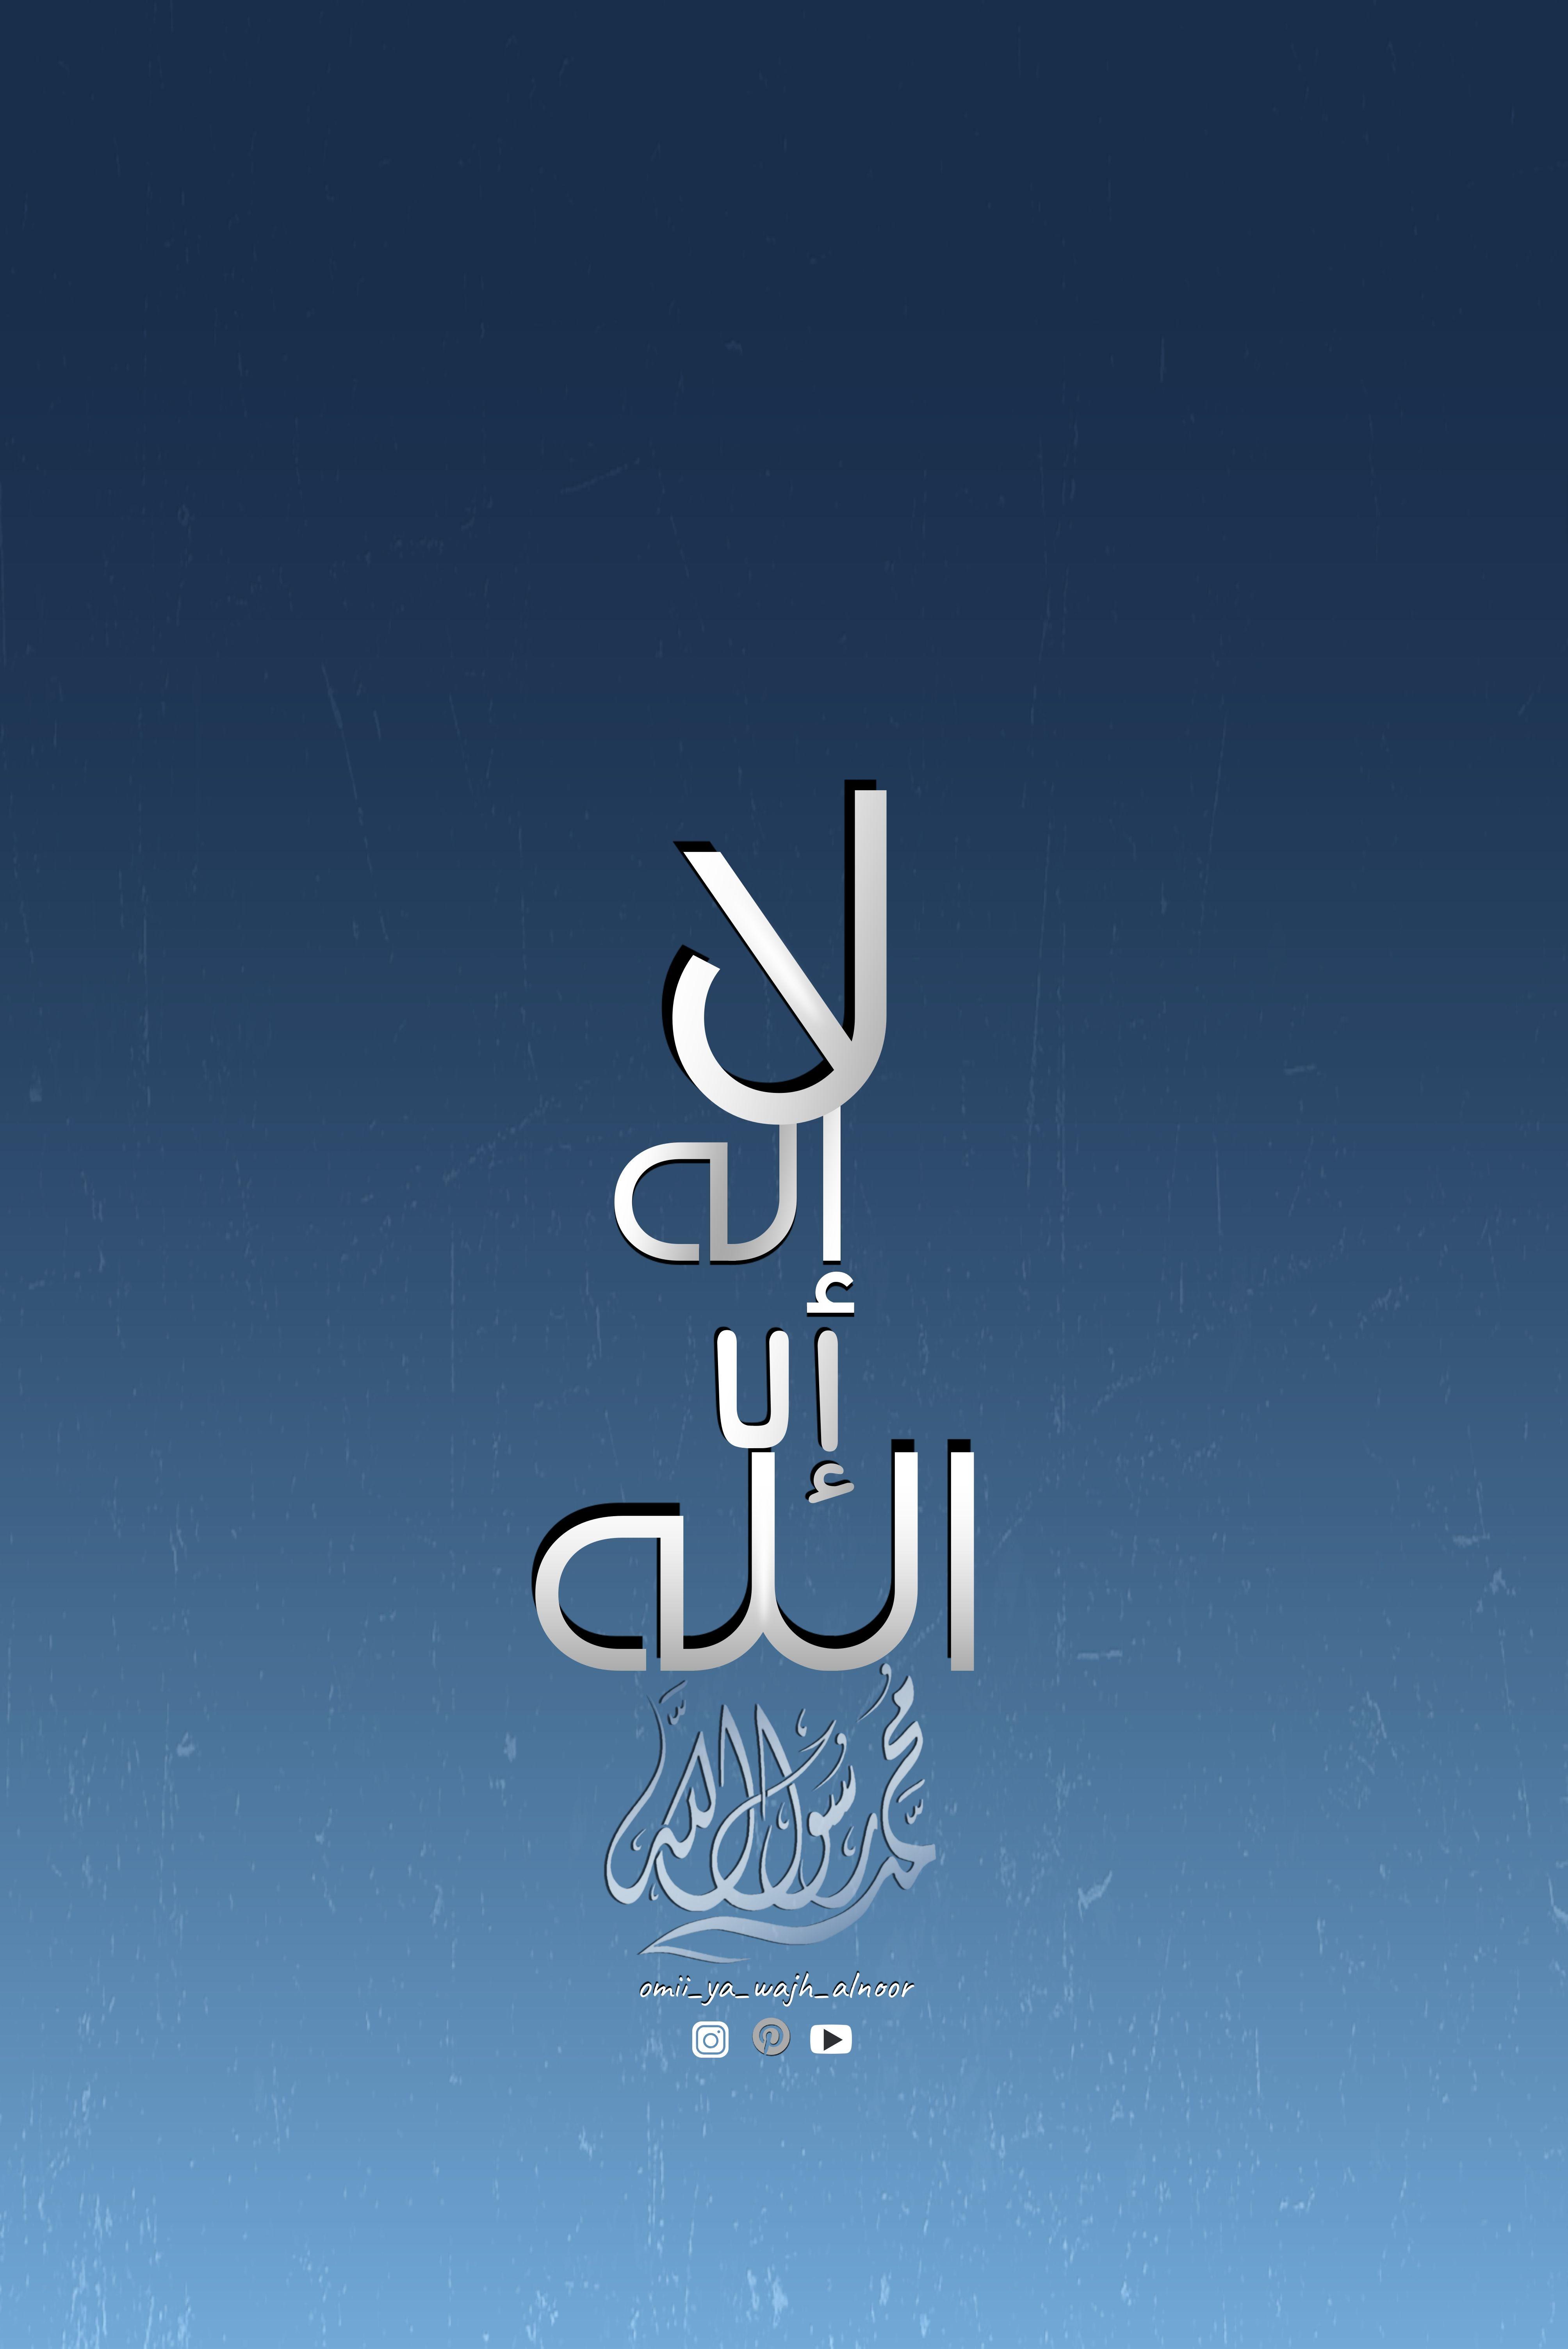 لا إله إلا الله محمد رسول الله Calm Artwork Keep Calm Artwork Lockscreen